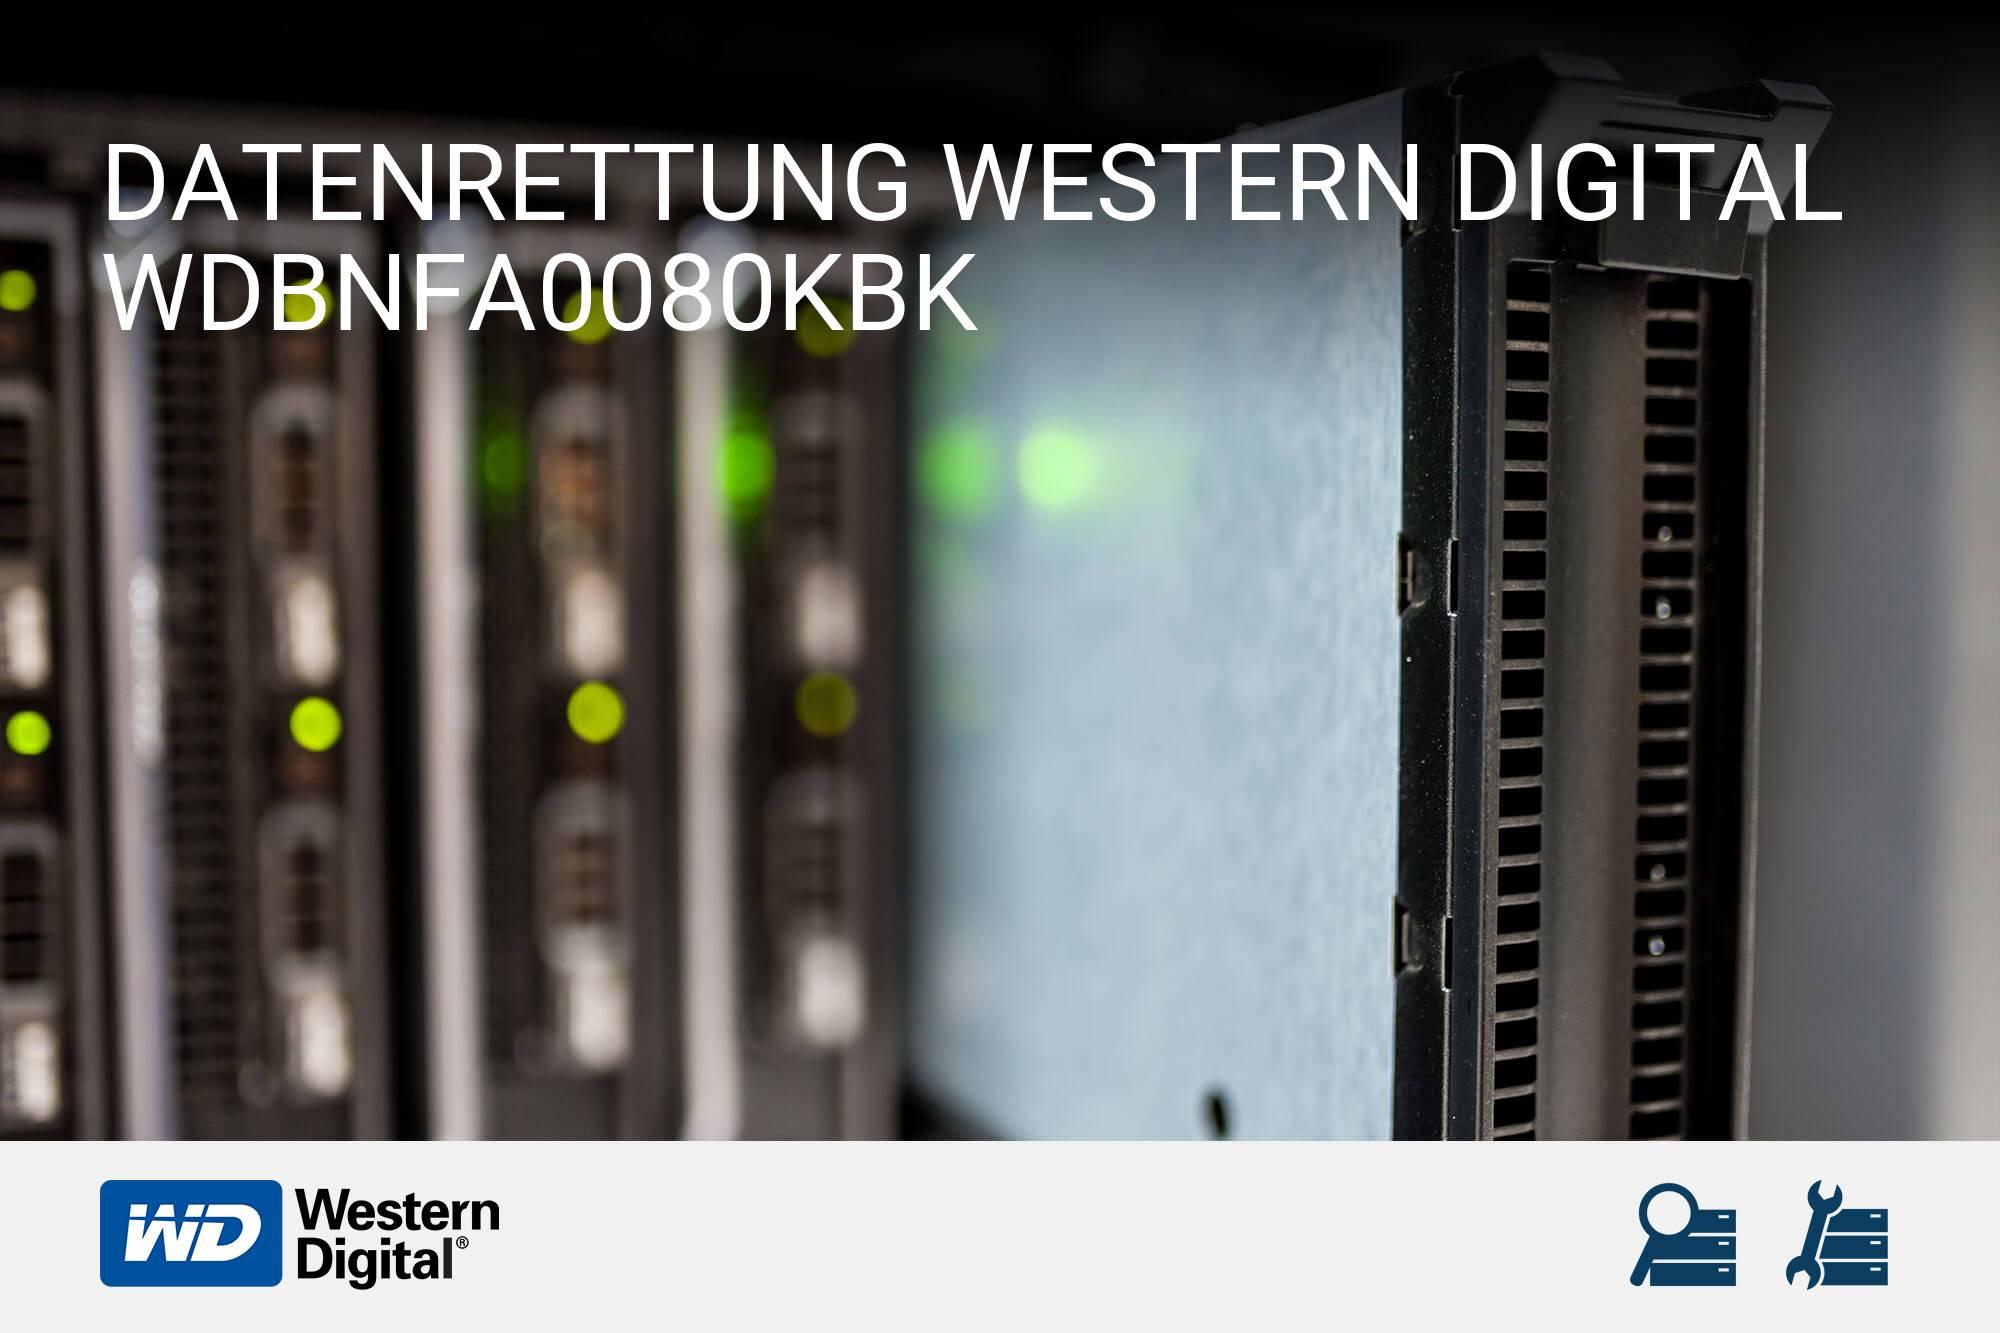 Western Digital WDBNFA0080KBK